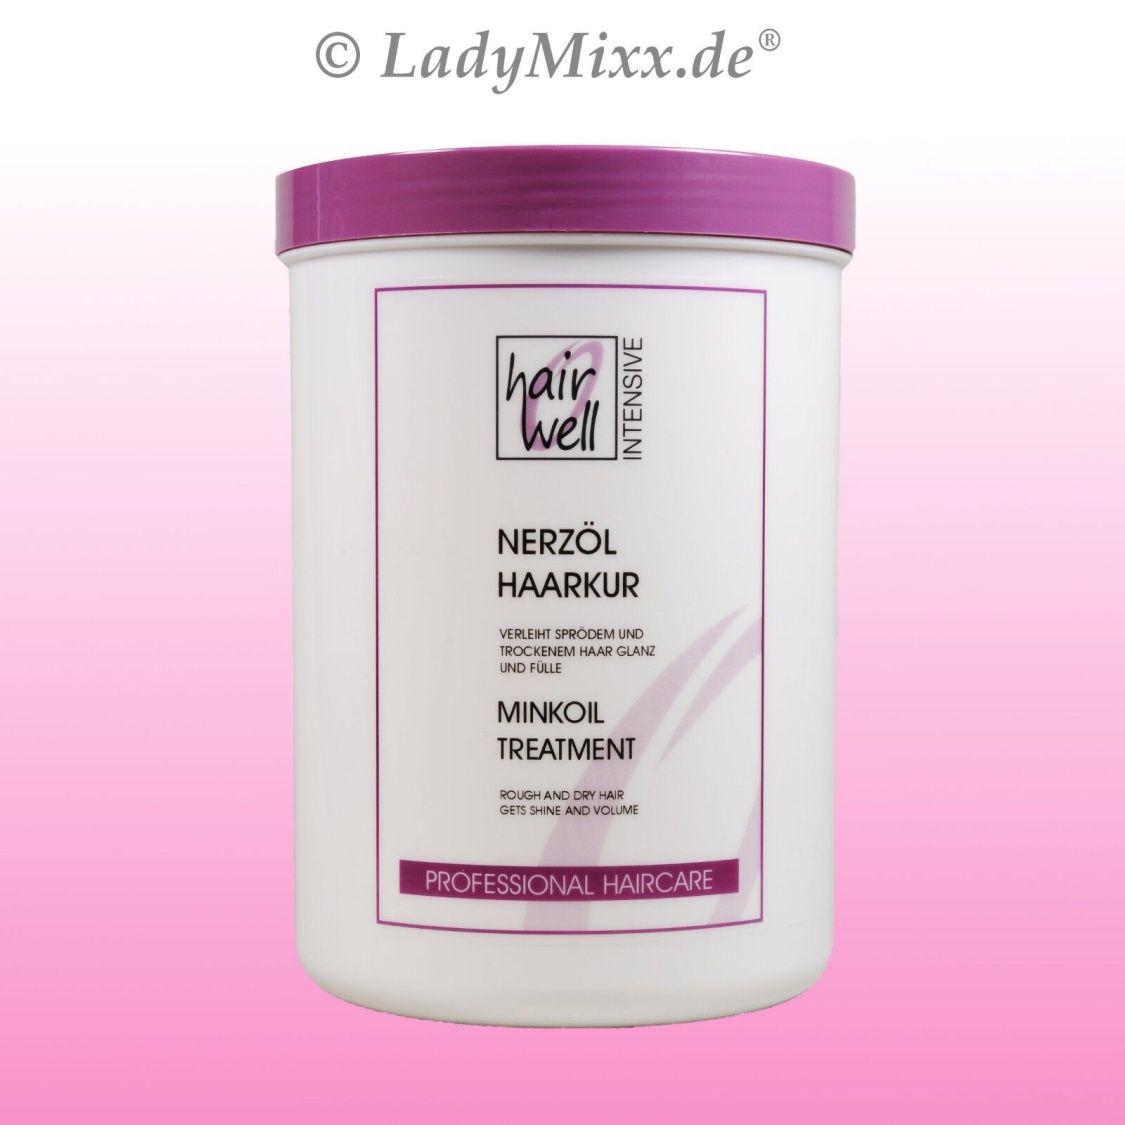 Nerzöl Haarkur 1000 ml Hairwell EURODOR Silikonfrei für trockenes Haar